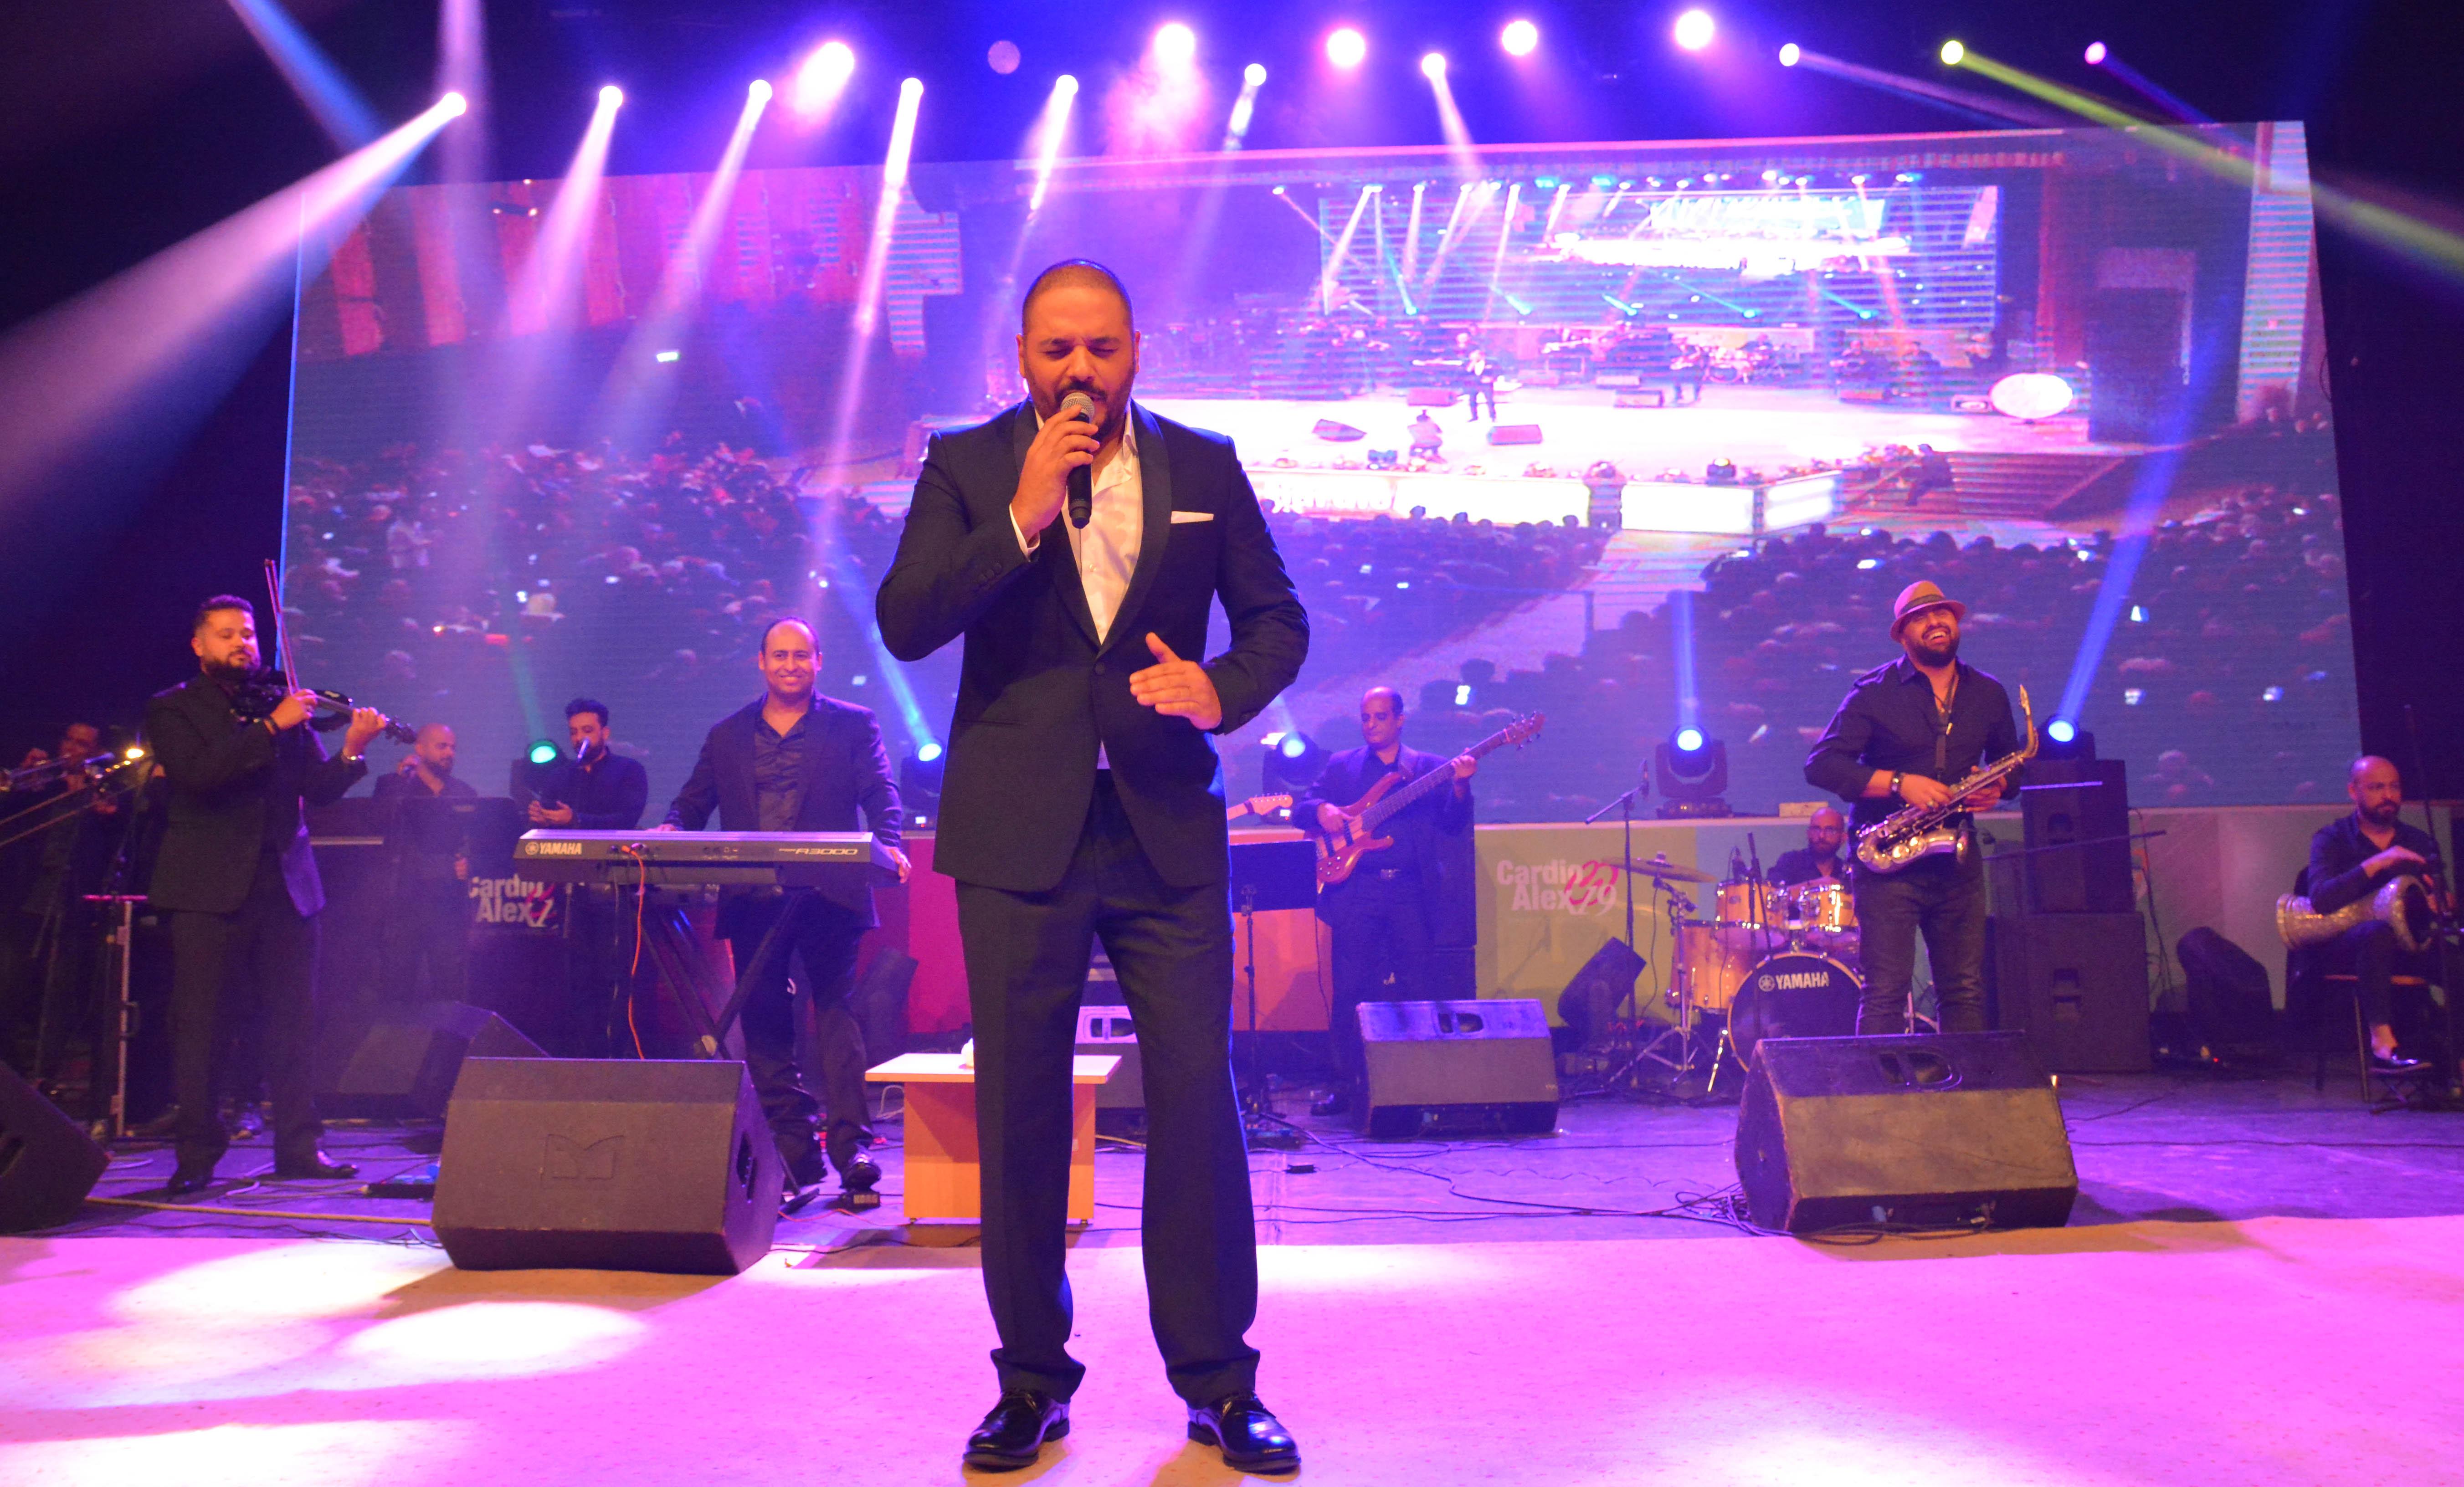 صورة رامي عياش يحيي افخم حفلات الاسكندرية